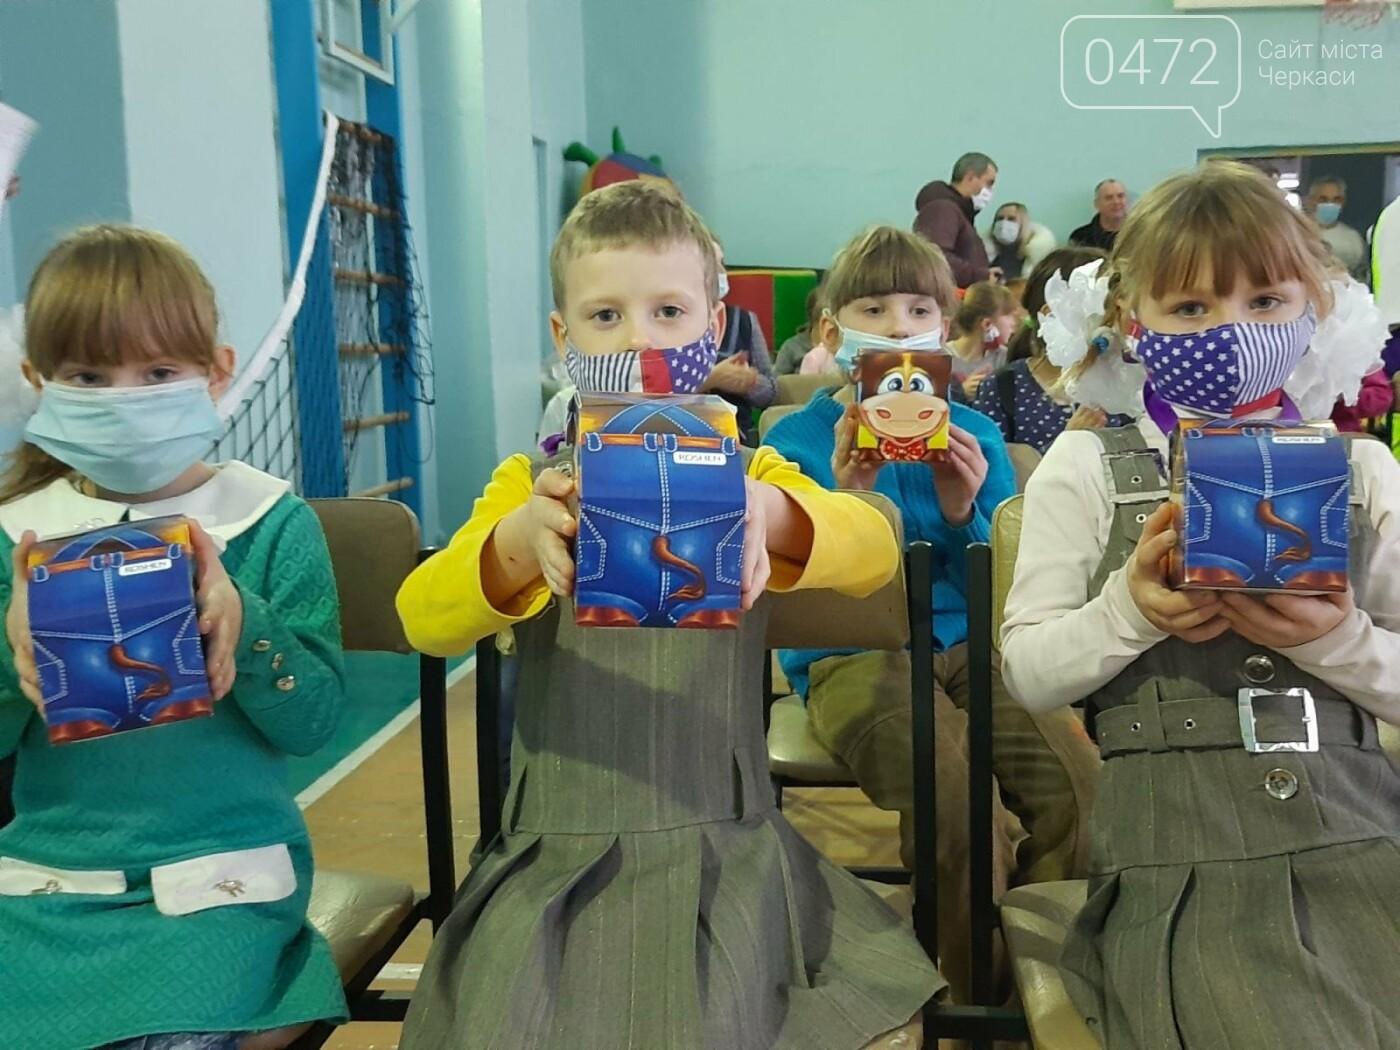 Святкове диво: «АТБ» допомагає тисячам українських родин потішити дитину в день Святого Миколая, фото-2